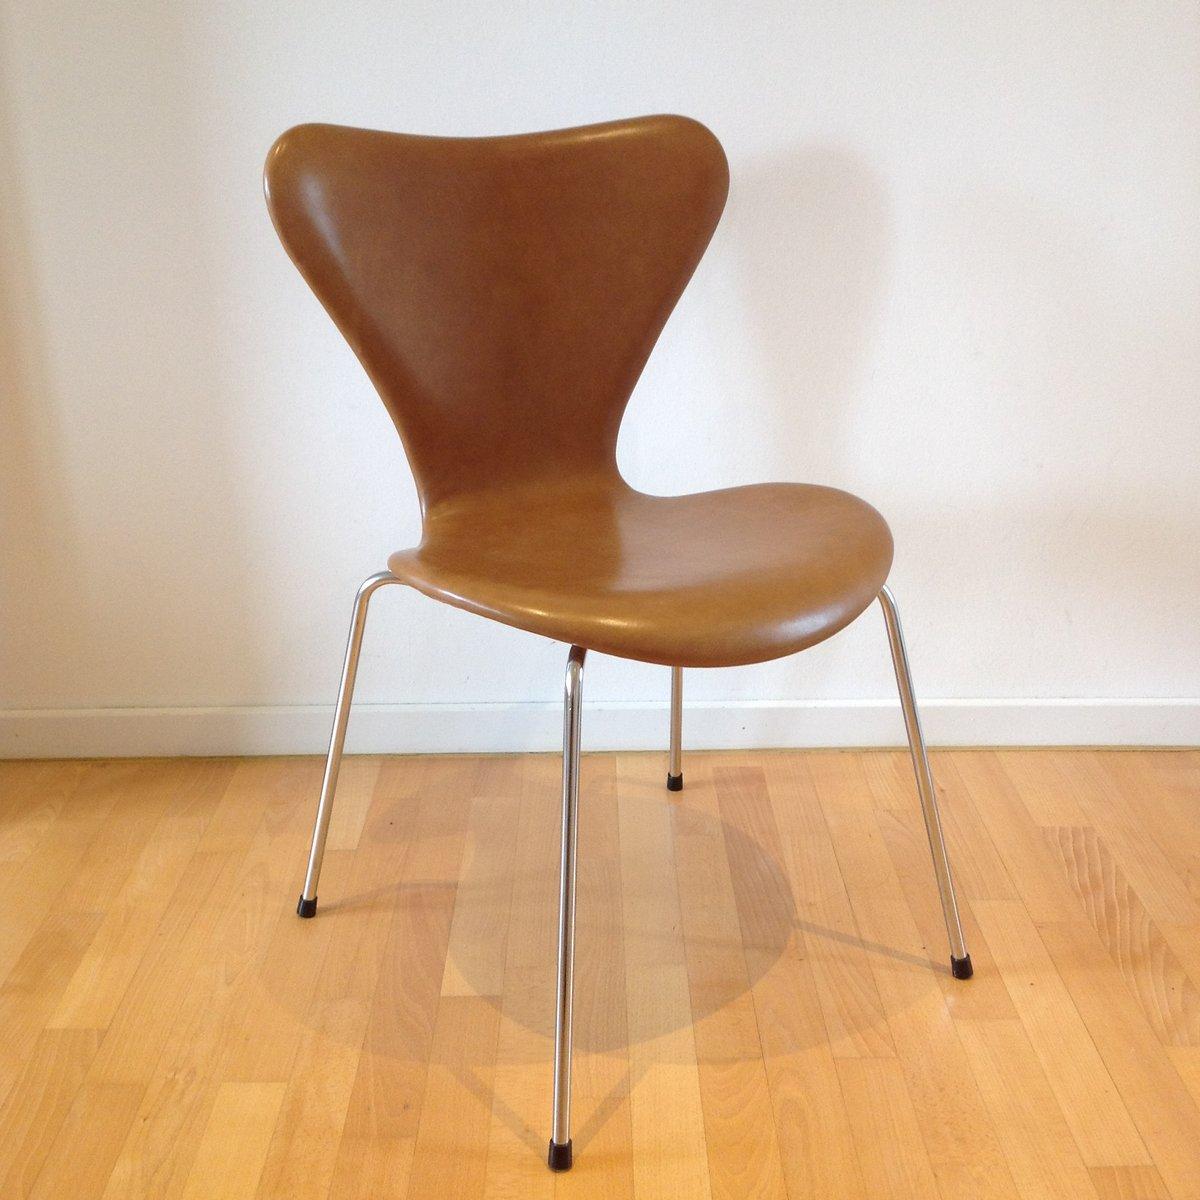 chaise de salon syveren 3107 elegance wax brune par arne jacobsen pour fritz hansen en vente sur. Black Bedroom Furniture Sets. Home Design Ideas